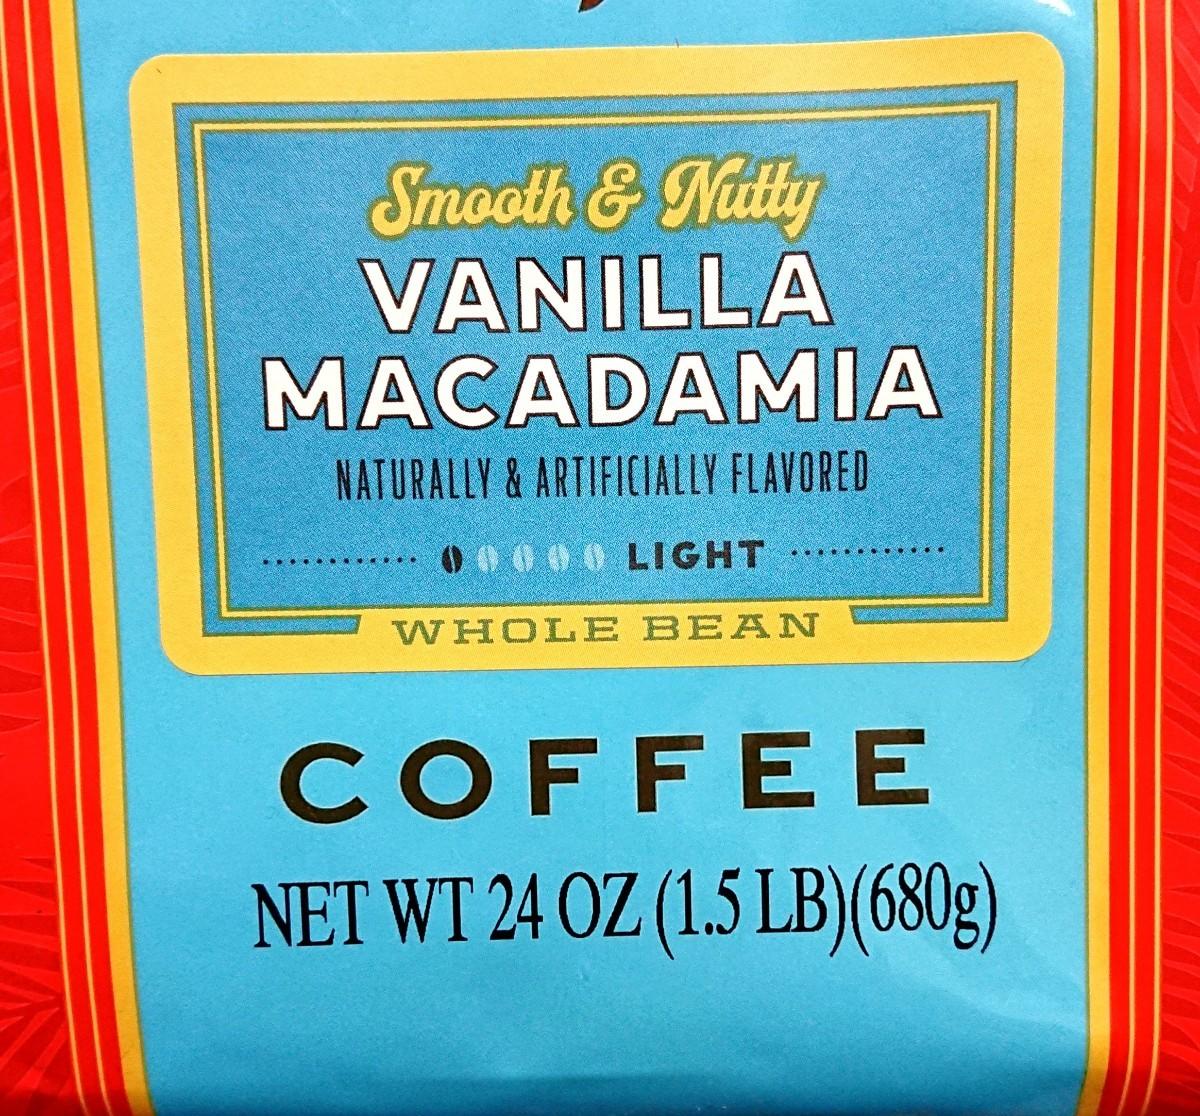 【豆】ライオン コーヒー バニラマカダミア 680g